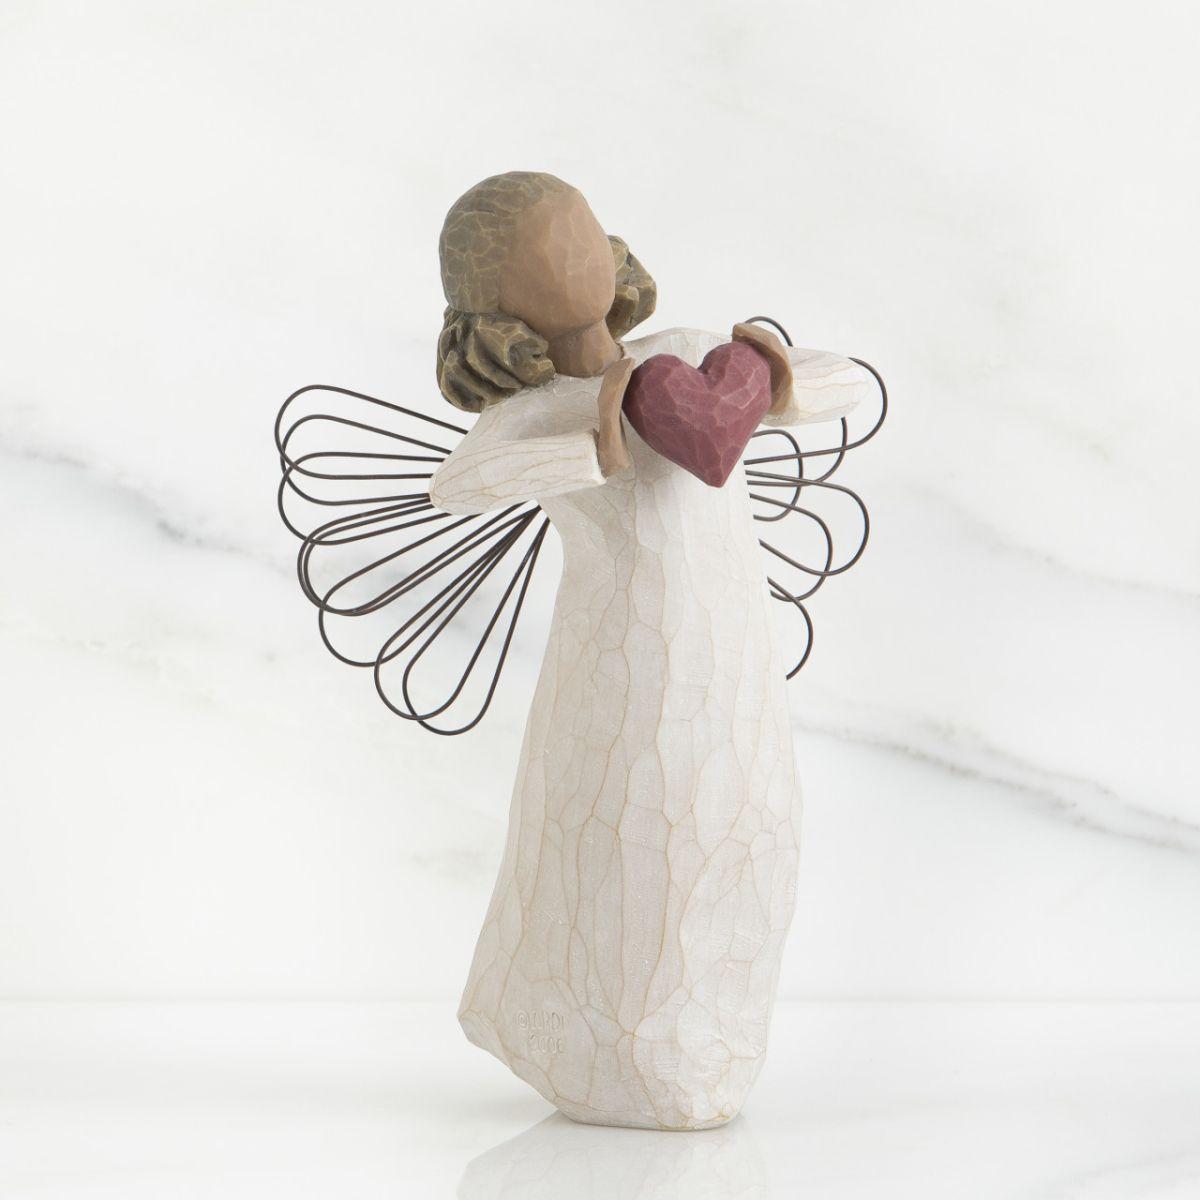 ウィローツリー天使像 【With Love】 - 愛をこめて